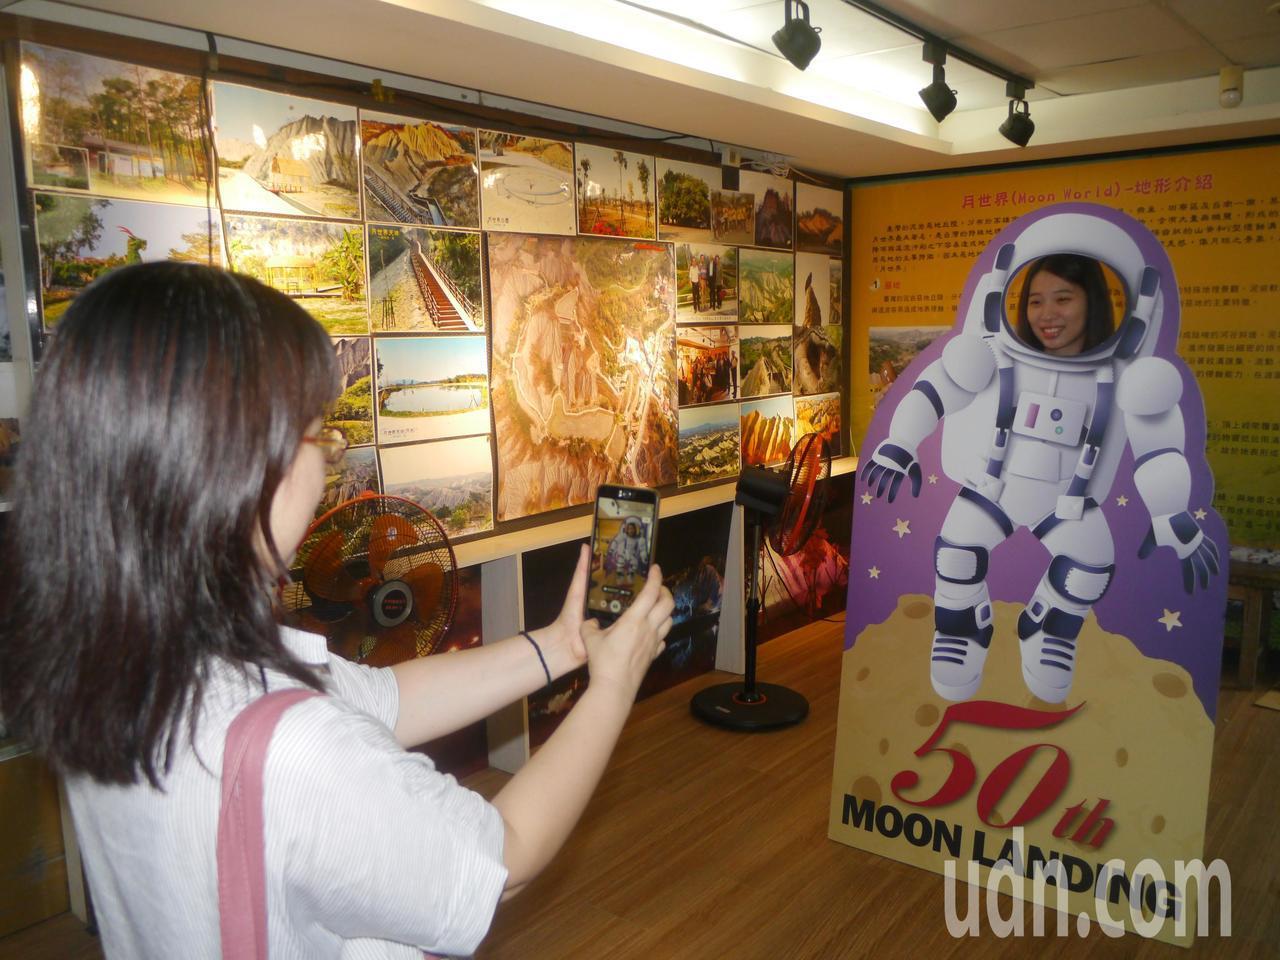 月世界遊客中心內也有紀念立牌可以拍照留念。記者徐白櫻/攝影